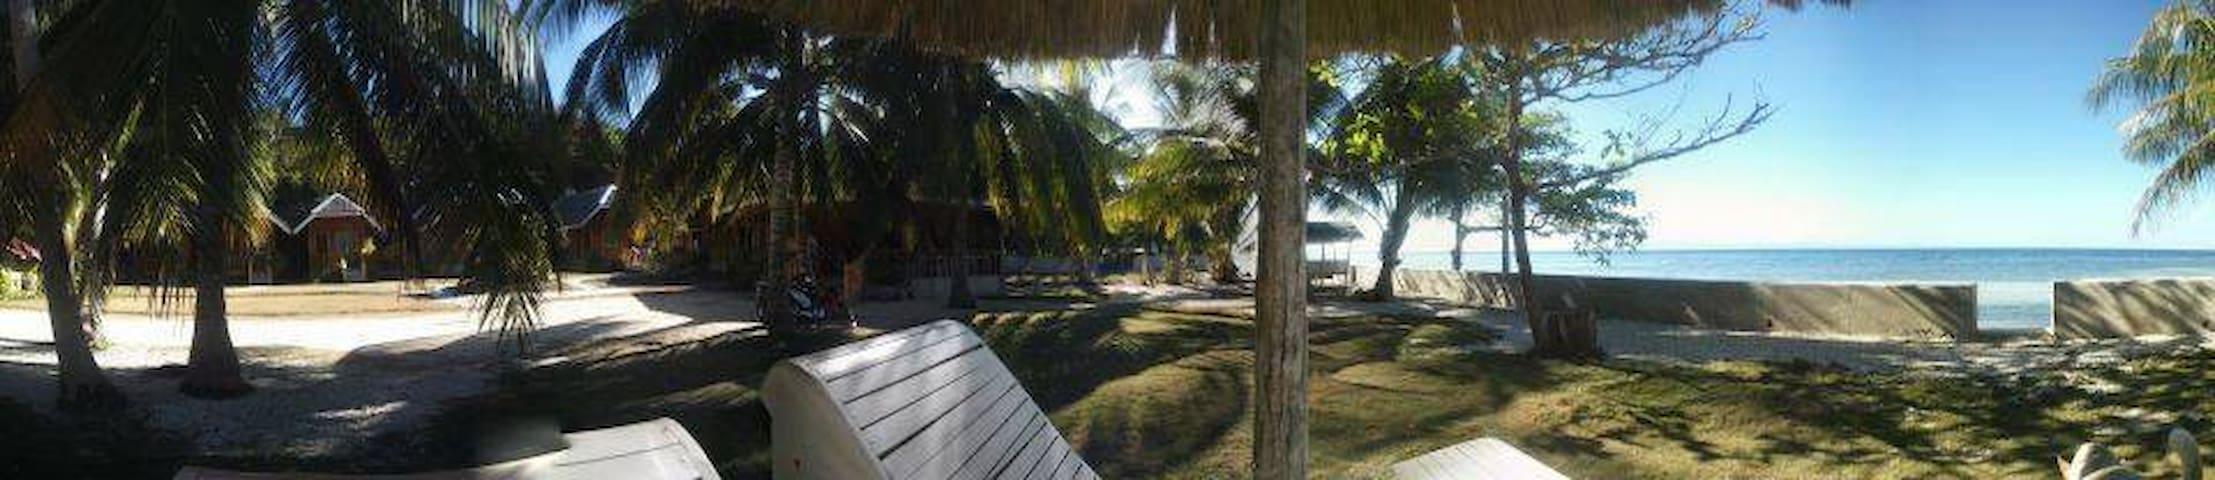 King Cove - Larena